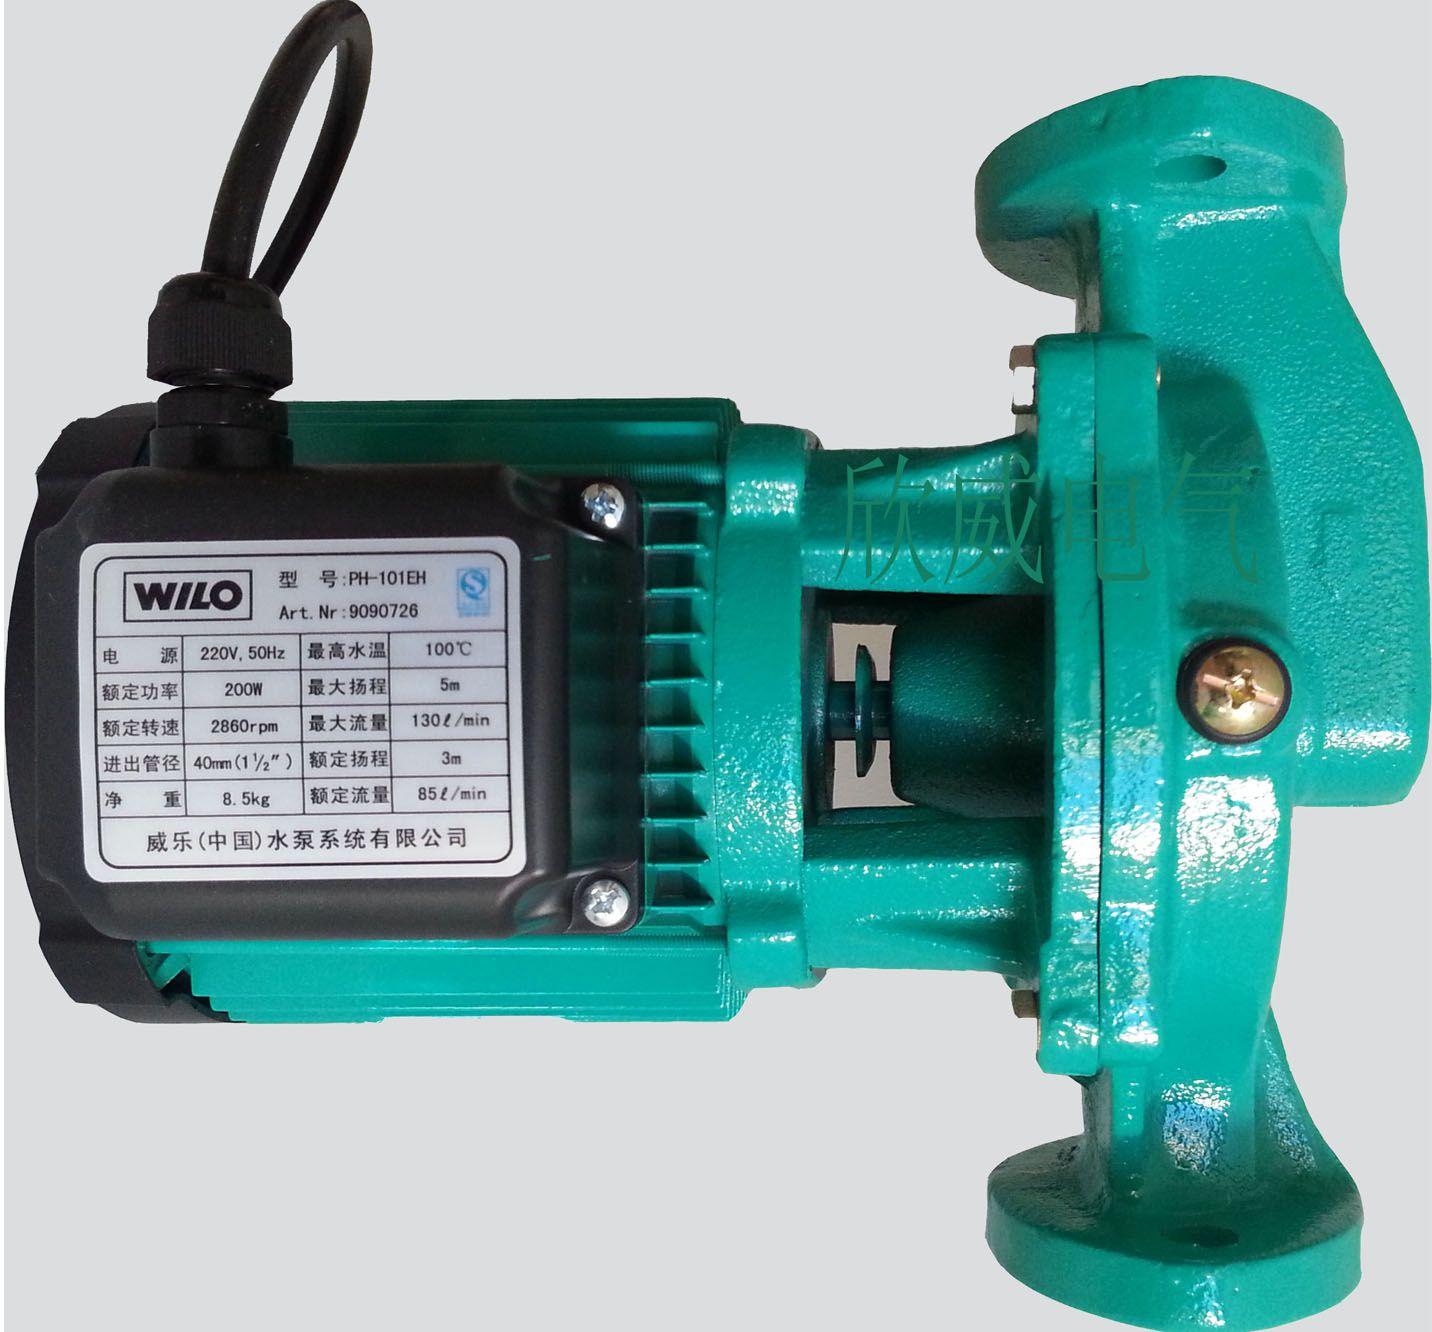 管道吸水泵-管道吸水泵批发、促销价格、产地货源 - 阿里巴巴